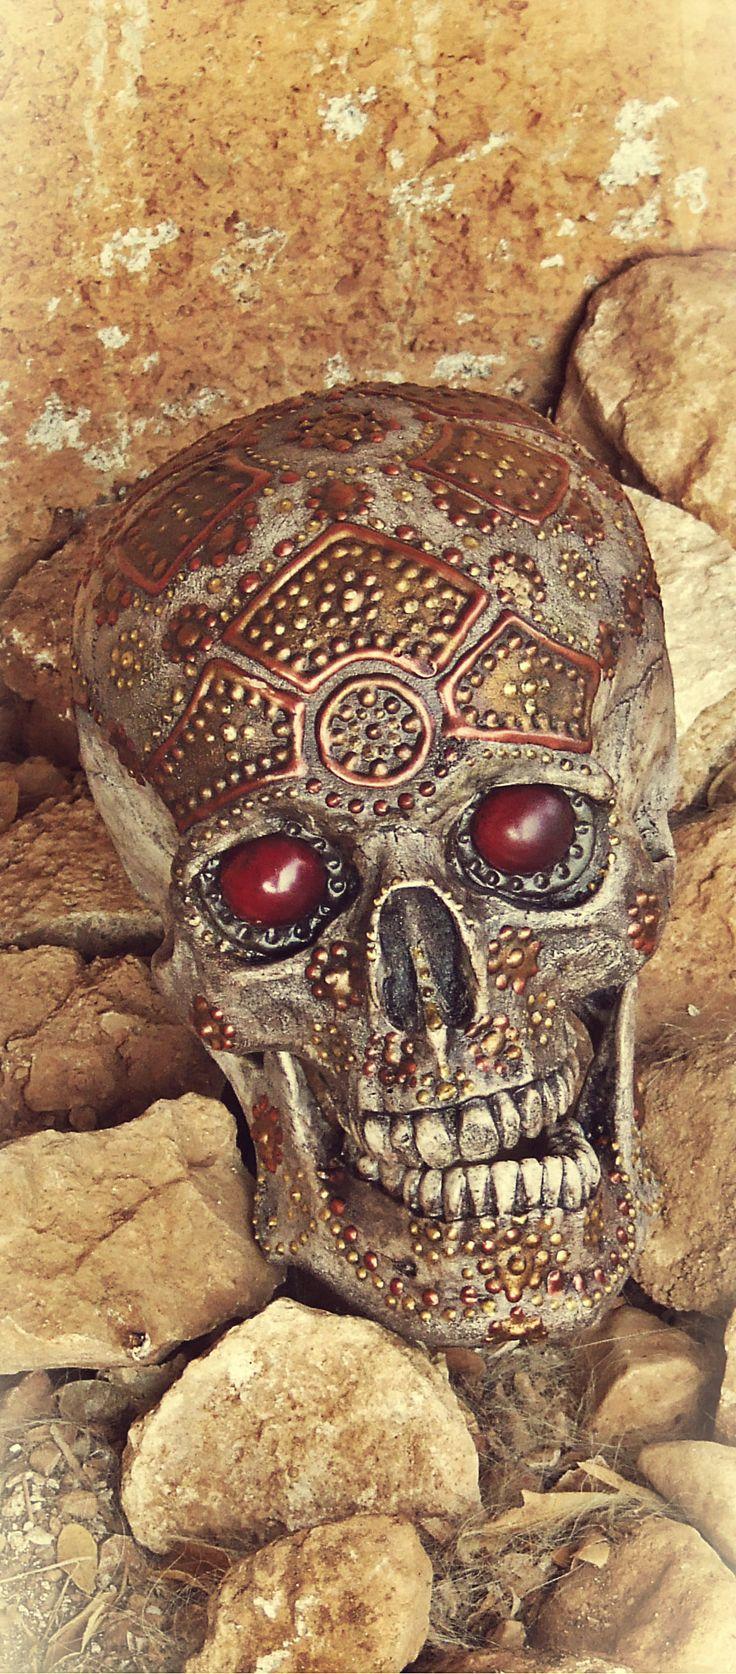 Réplica de cráneo humano ornamentado a la manera de los dracónidas. De la Mathomería.